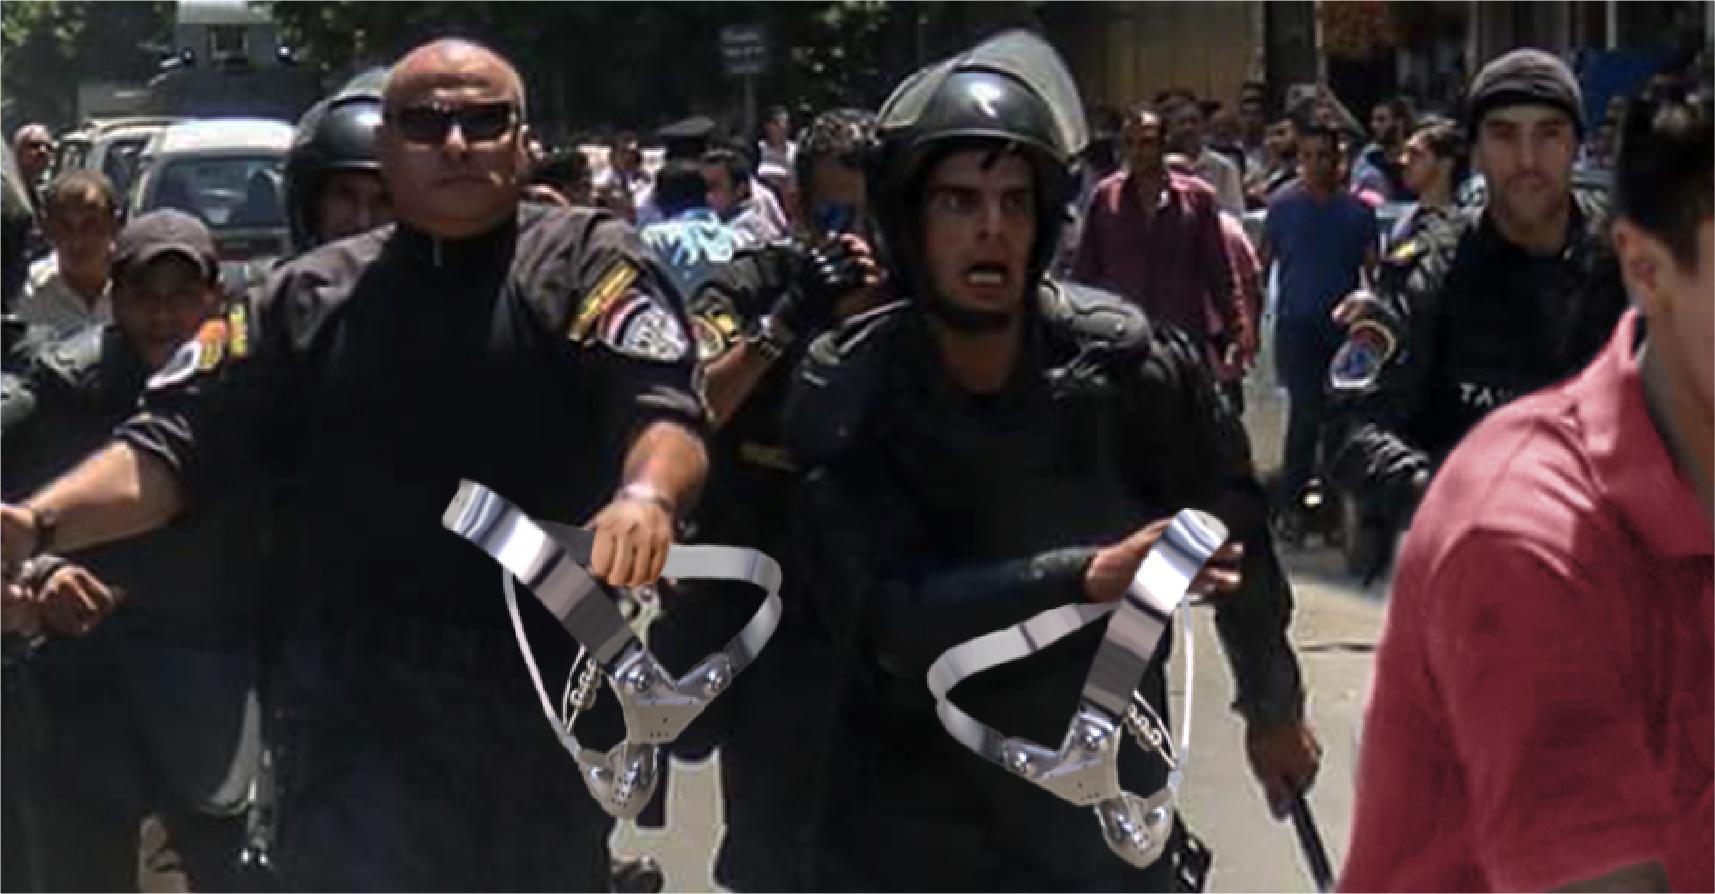 صورة الحكومة المصرية تفرض ارتداء حزام العفة على الشبّان لضمان عذريتهم بشكل دائم